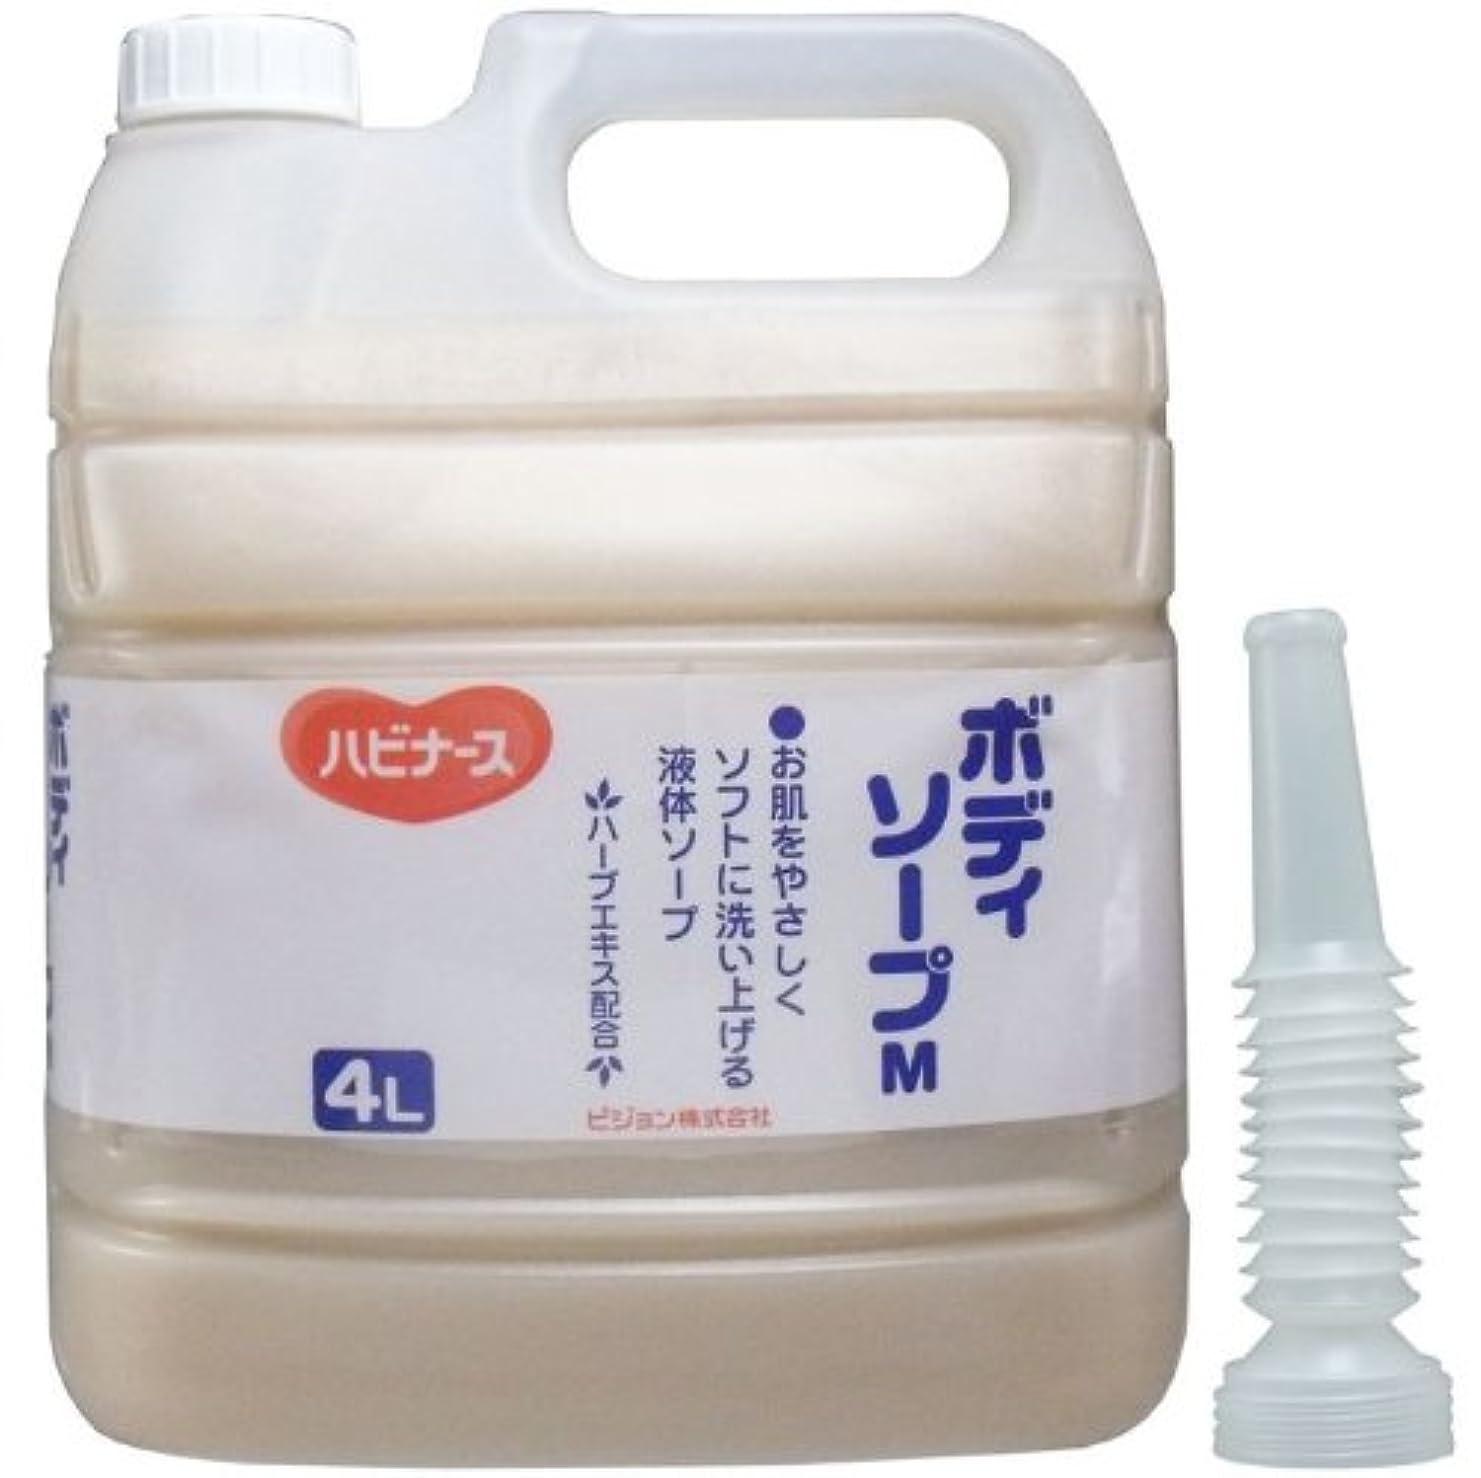 それらお客様収縮液体ソープ ボディソープ 風呂 石ケン お肌をやさしくソフトに洗い上げる!業務用 4L【3個セット】